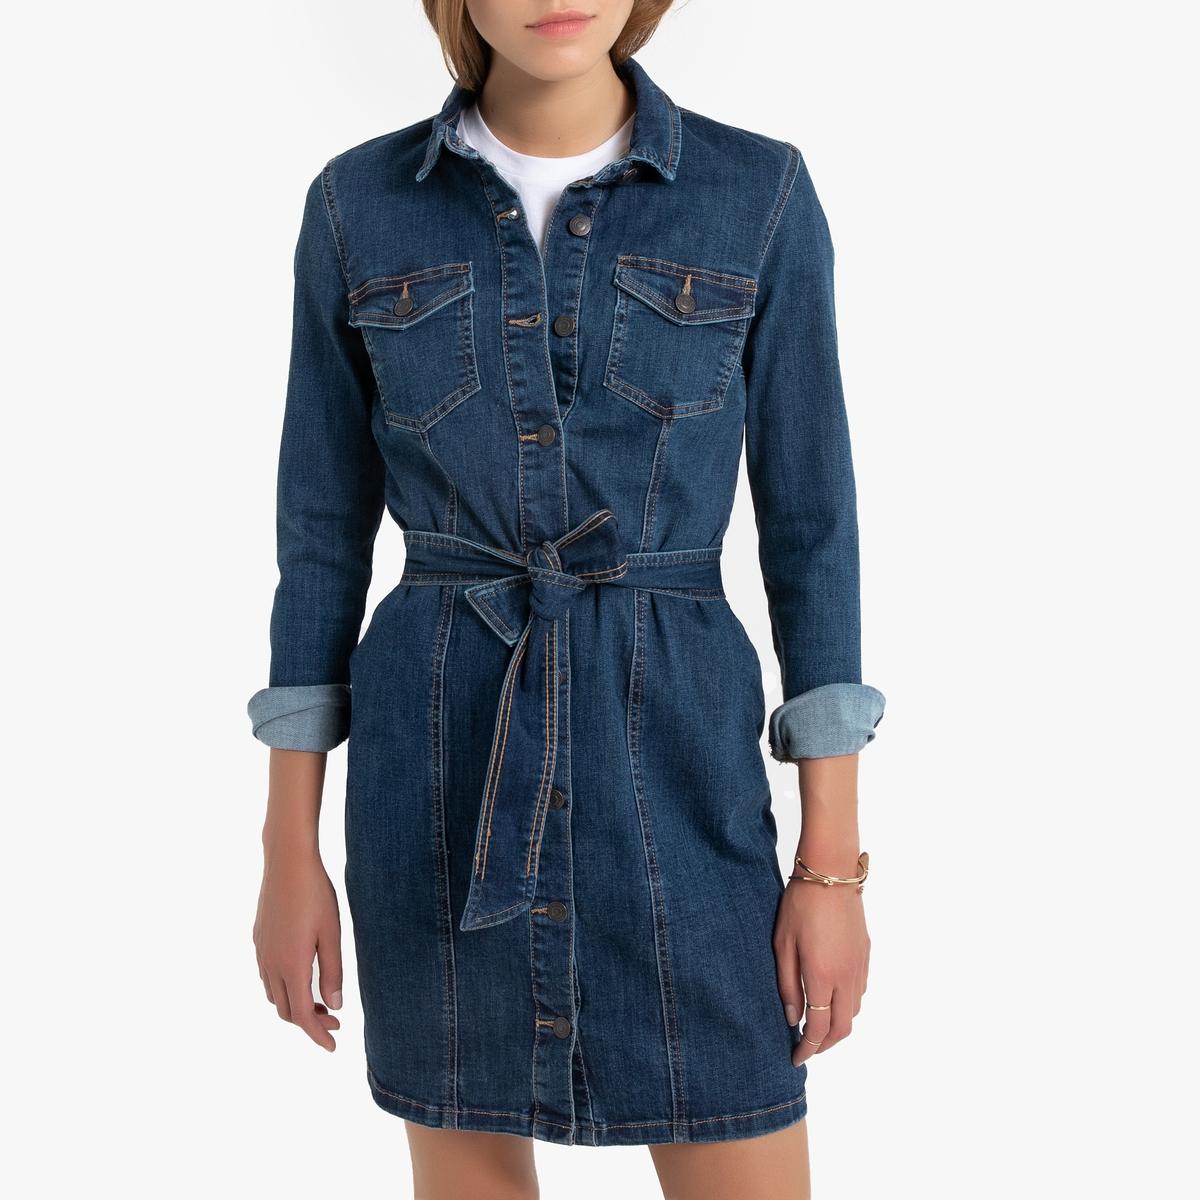 цена Платье-рубашка La Redoute Джинсовое с поясом XS синий онлайн в 2017 году